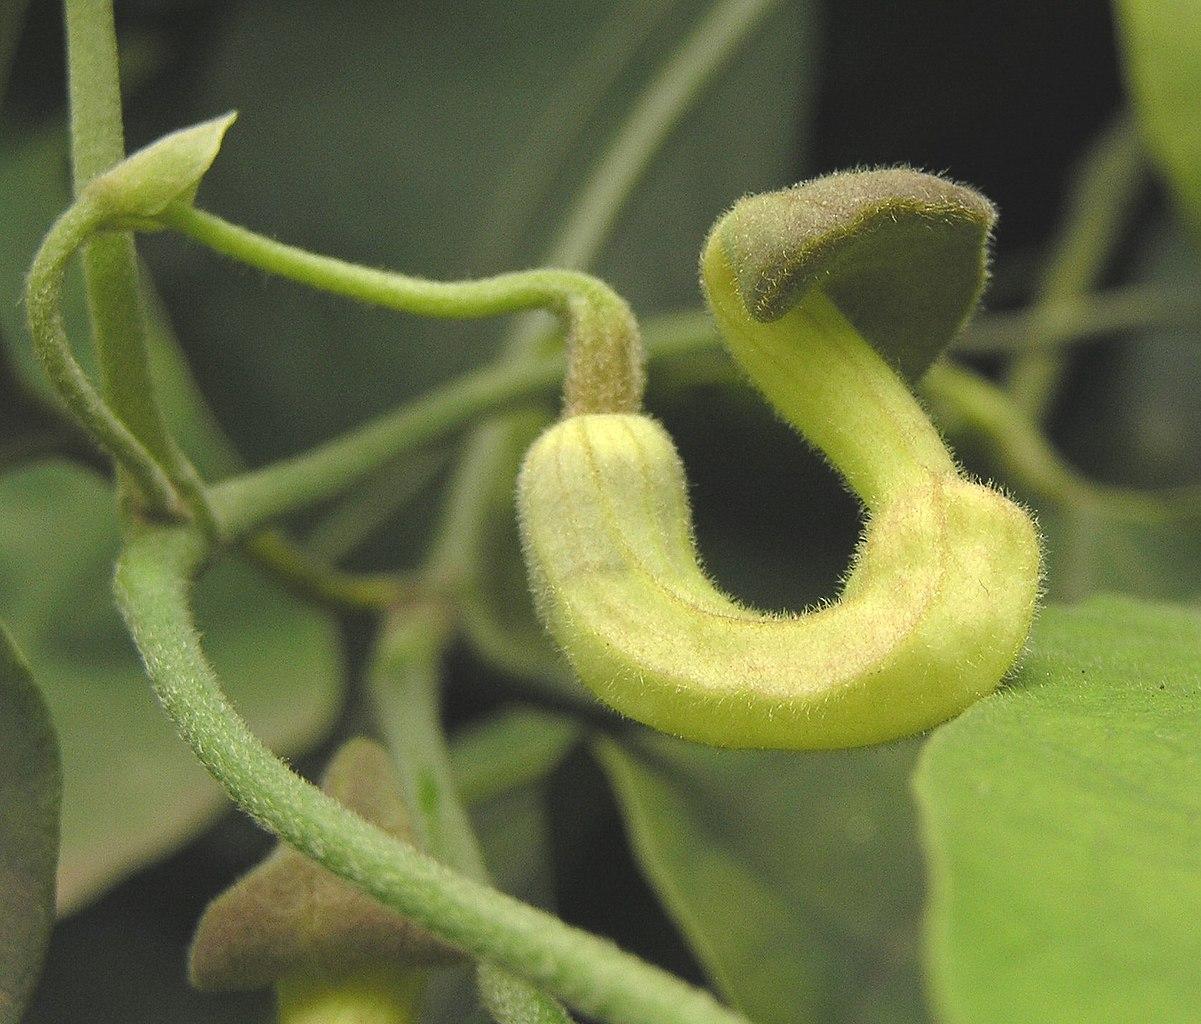 Tình yêu cây cỏ ĐV2 - Page 3 1201px-%E7%93%9C%E8%91%89%E9%A6%AC%E5%85%9C%E9%88%B4_Aristolochia_cucurbitifolia_-%E5%8F%B0%E5%8C%97%E6%A4%8D%E7%89%A9%E5%9C%92_Taipei_Botanical_Garden-_%289216096416%29